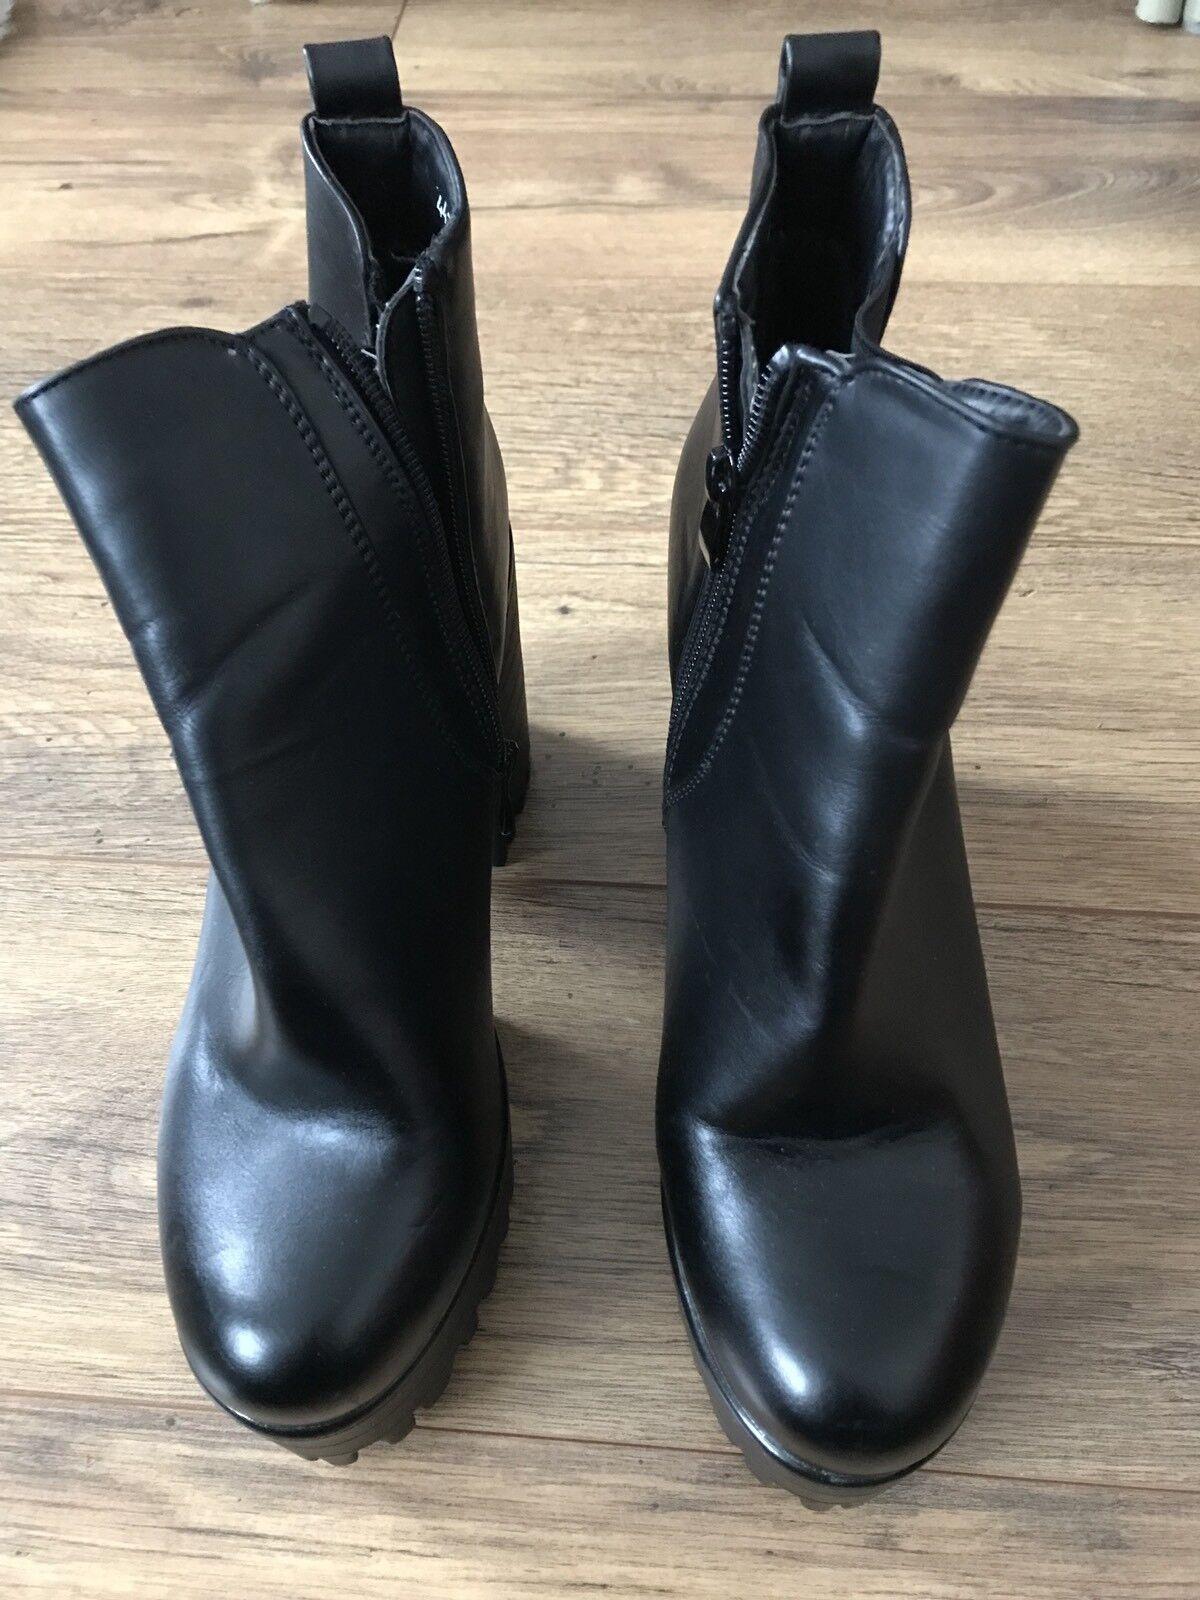 Super Mode Black High Heel Boots Size 7, EUR 40